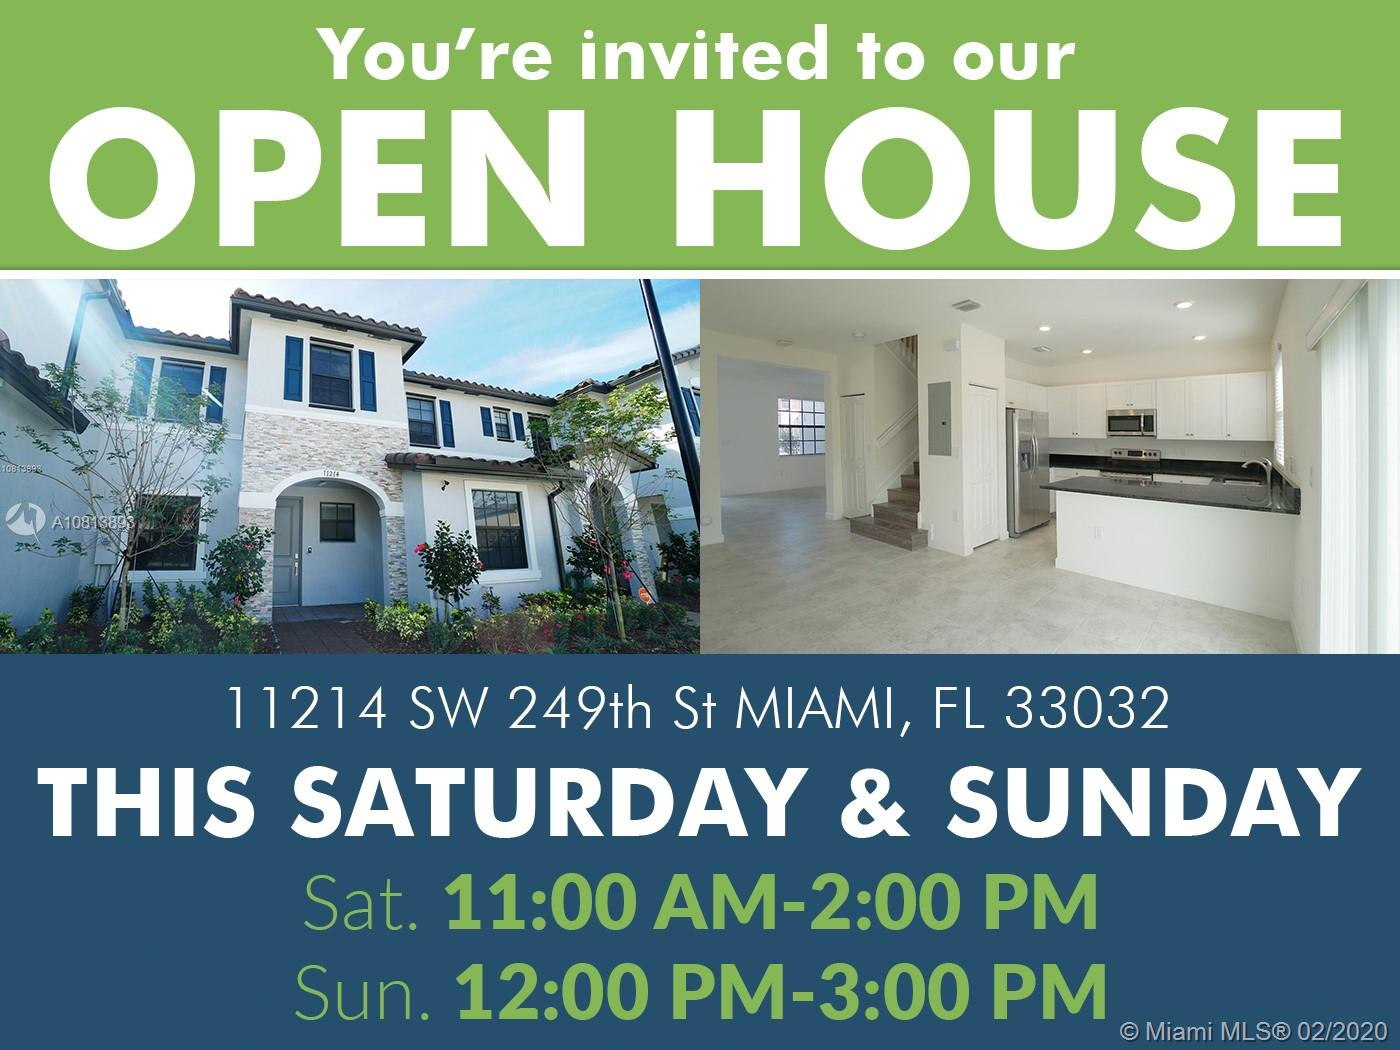 11214 SW 249th St, Miami, FL 33032 - Miami, FL real estate listing